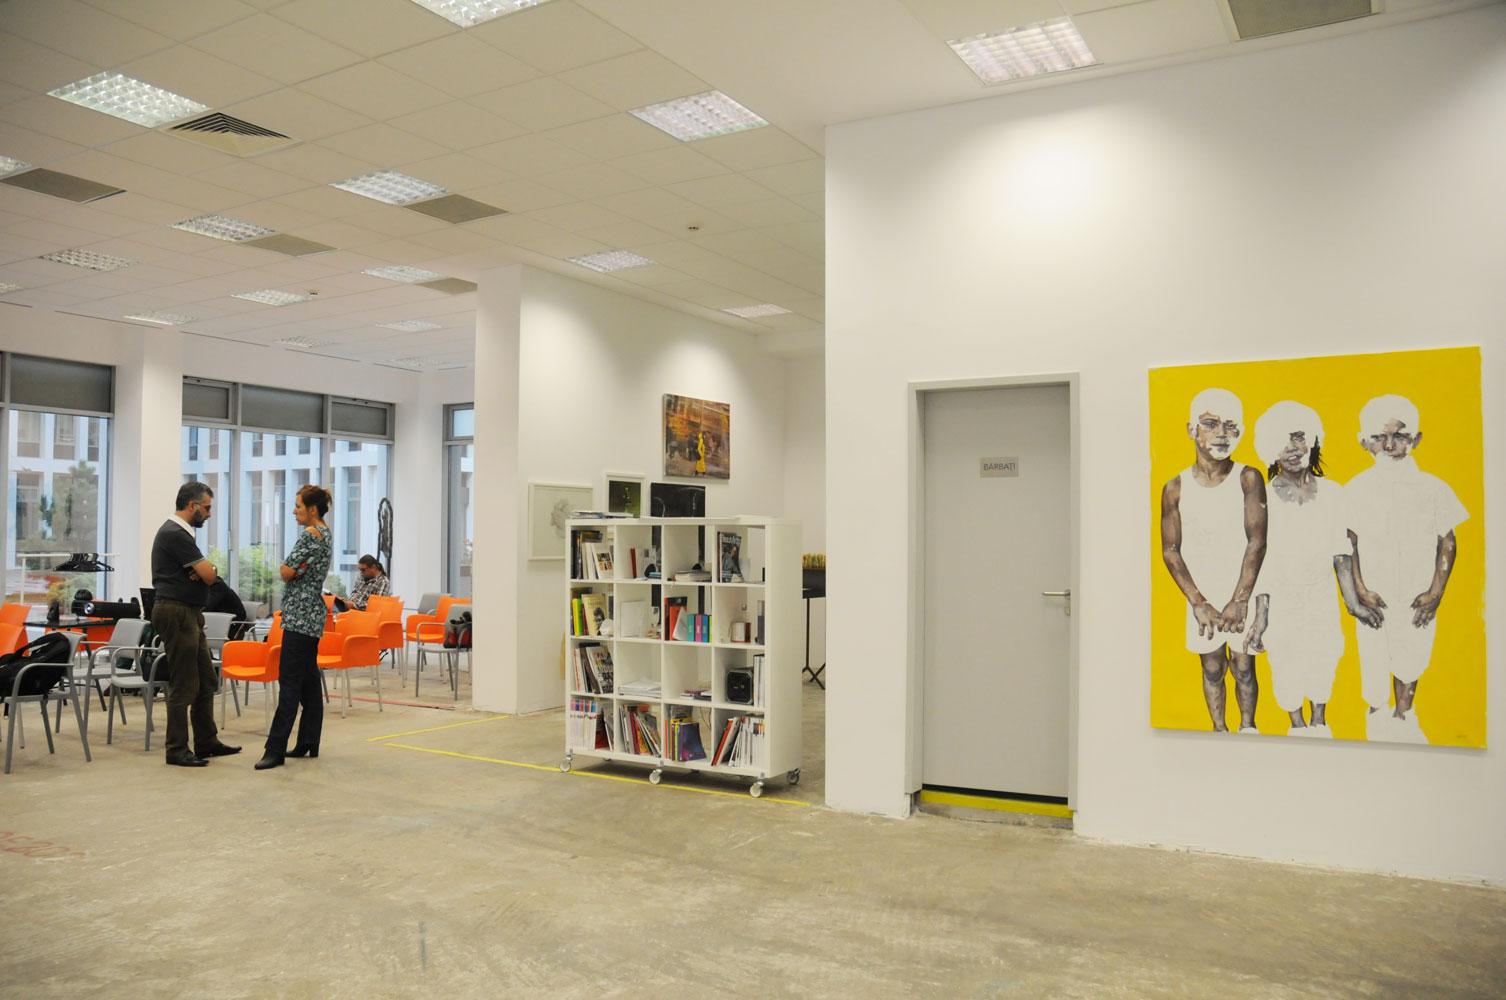 Daniel Brici, solo show Copiii care nu se vad @ Nasui collection & gallery Bucuresti (6)